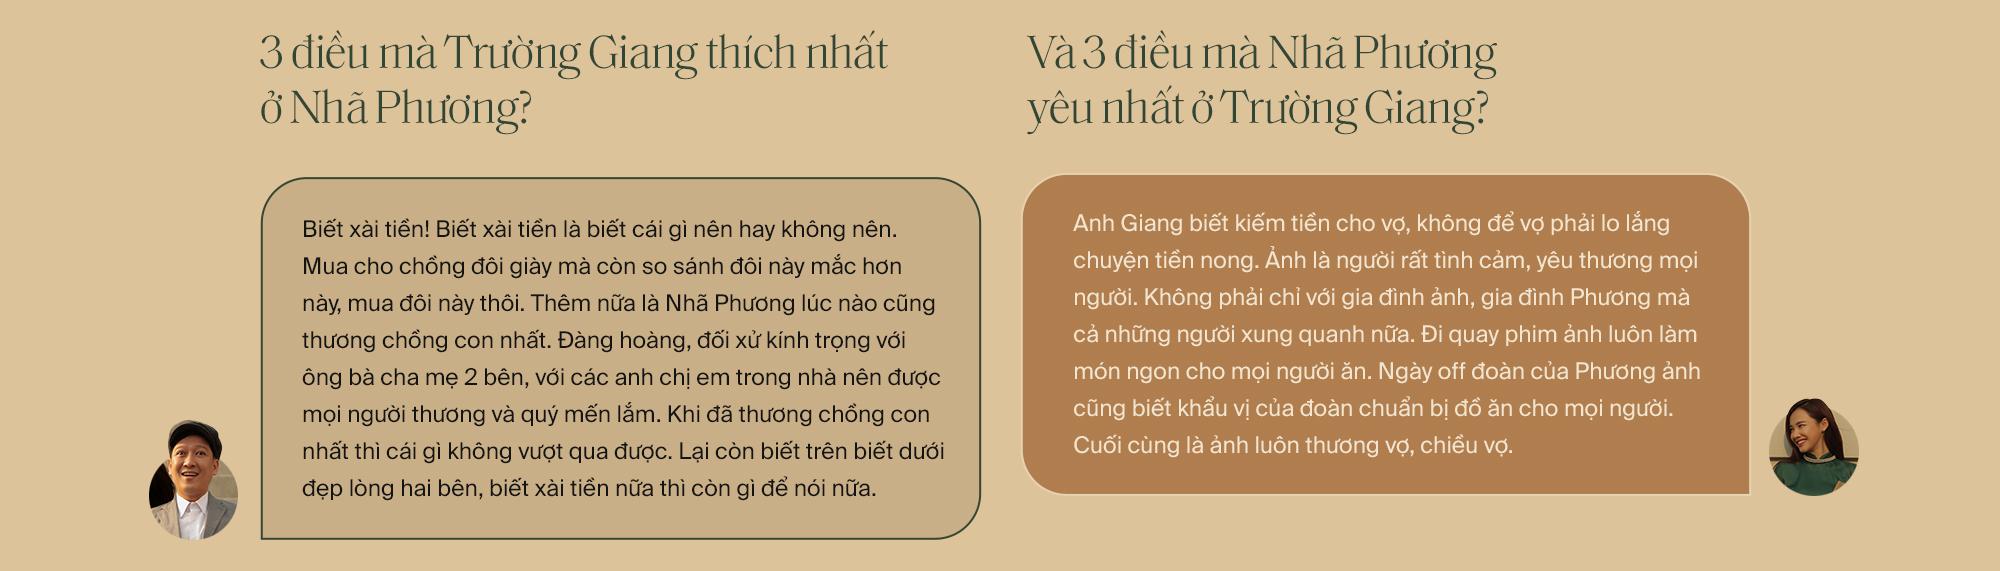 """Lần đầu tiên kể từ khi yêu nhau, Trường Giang - Nhã Phương cùng trả lời phỏng vấn: """"Vợ tui sướng nhất quận Phú Nhuận luôn"""" - Ảnh 32."""